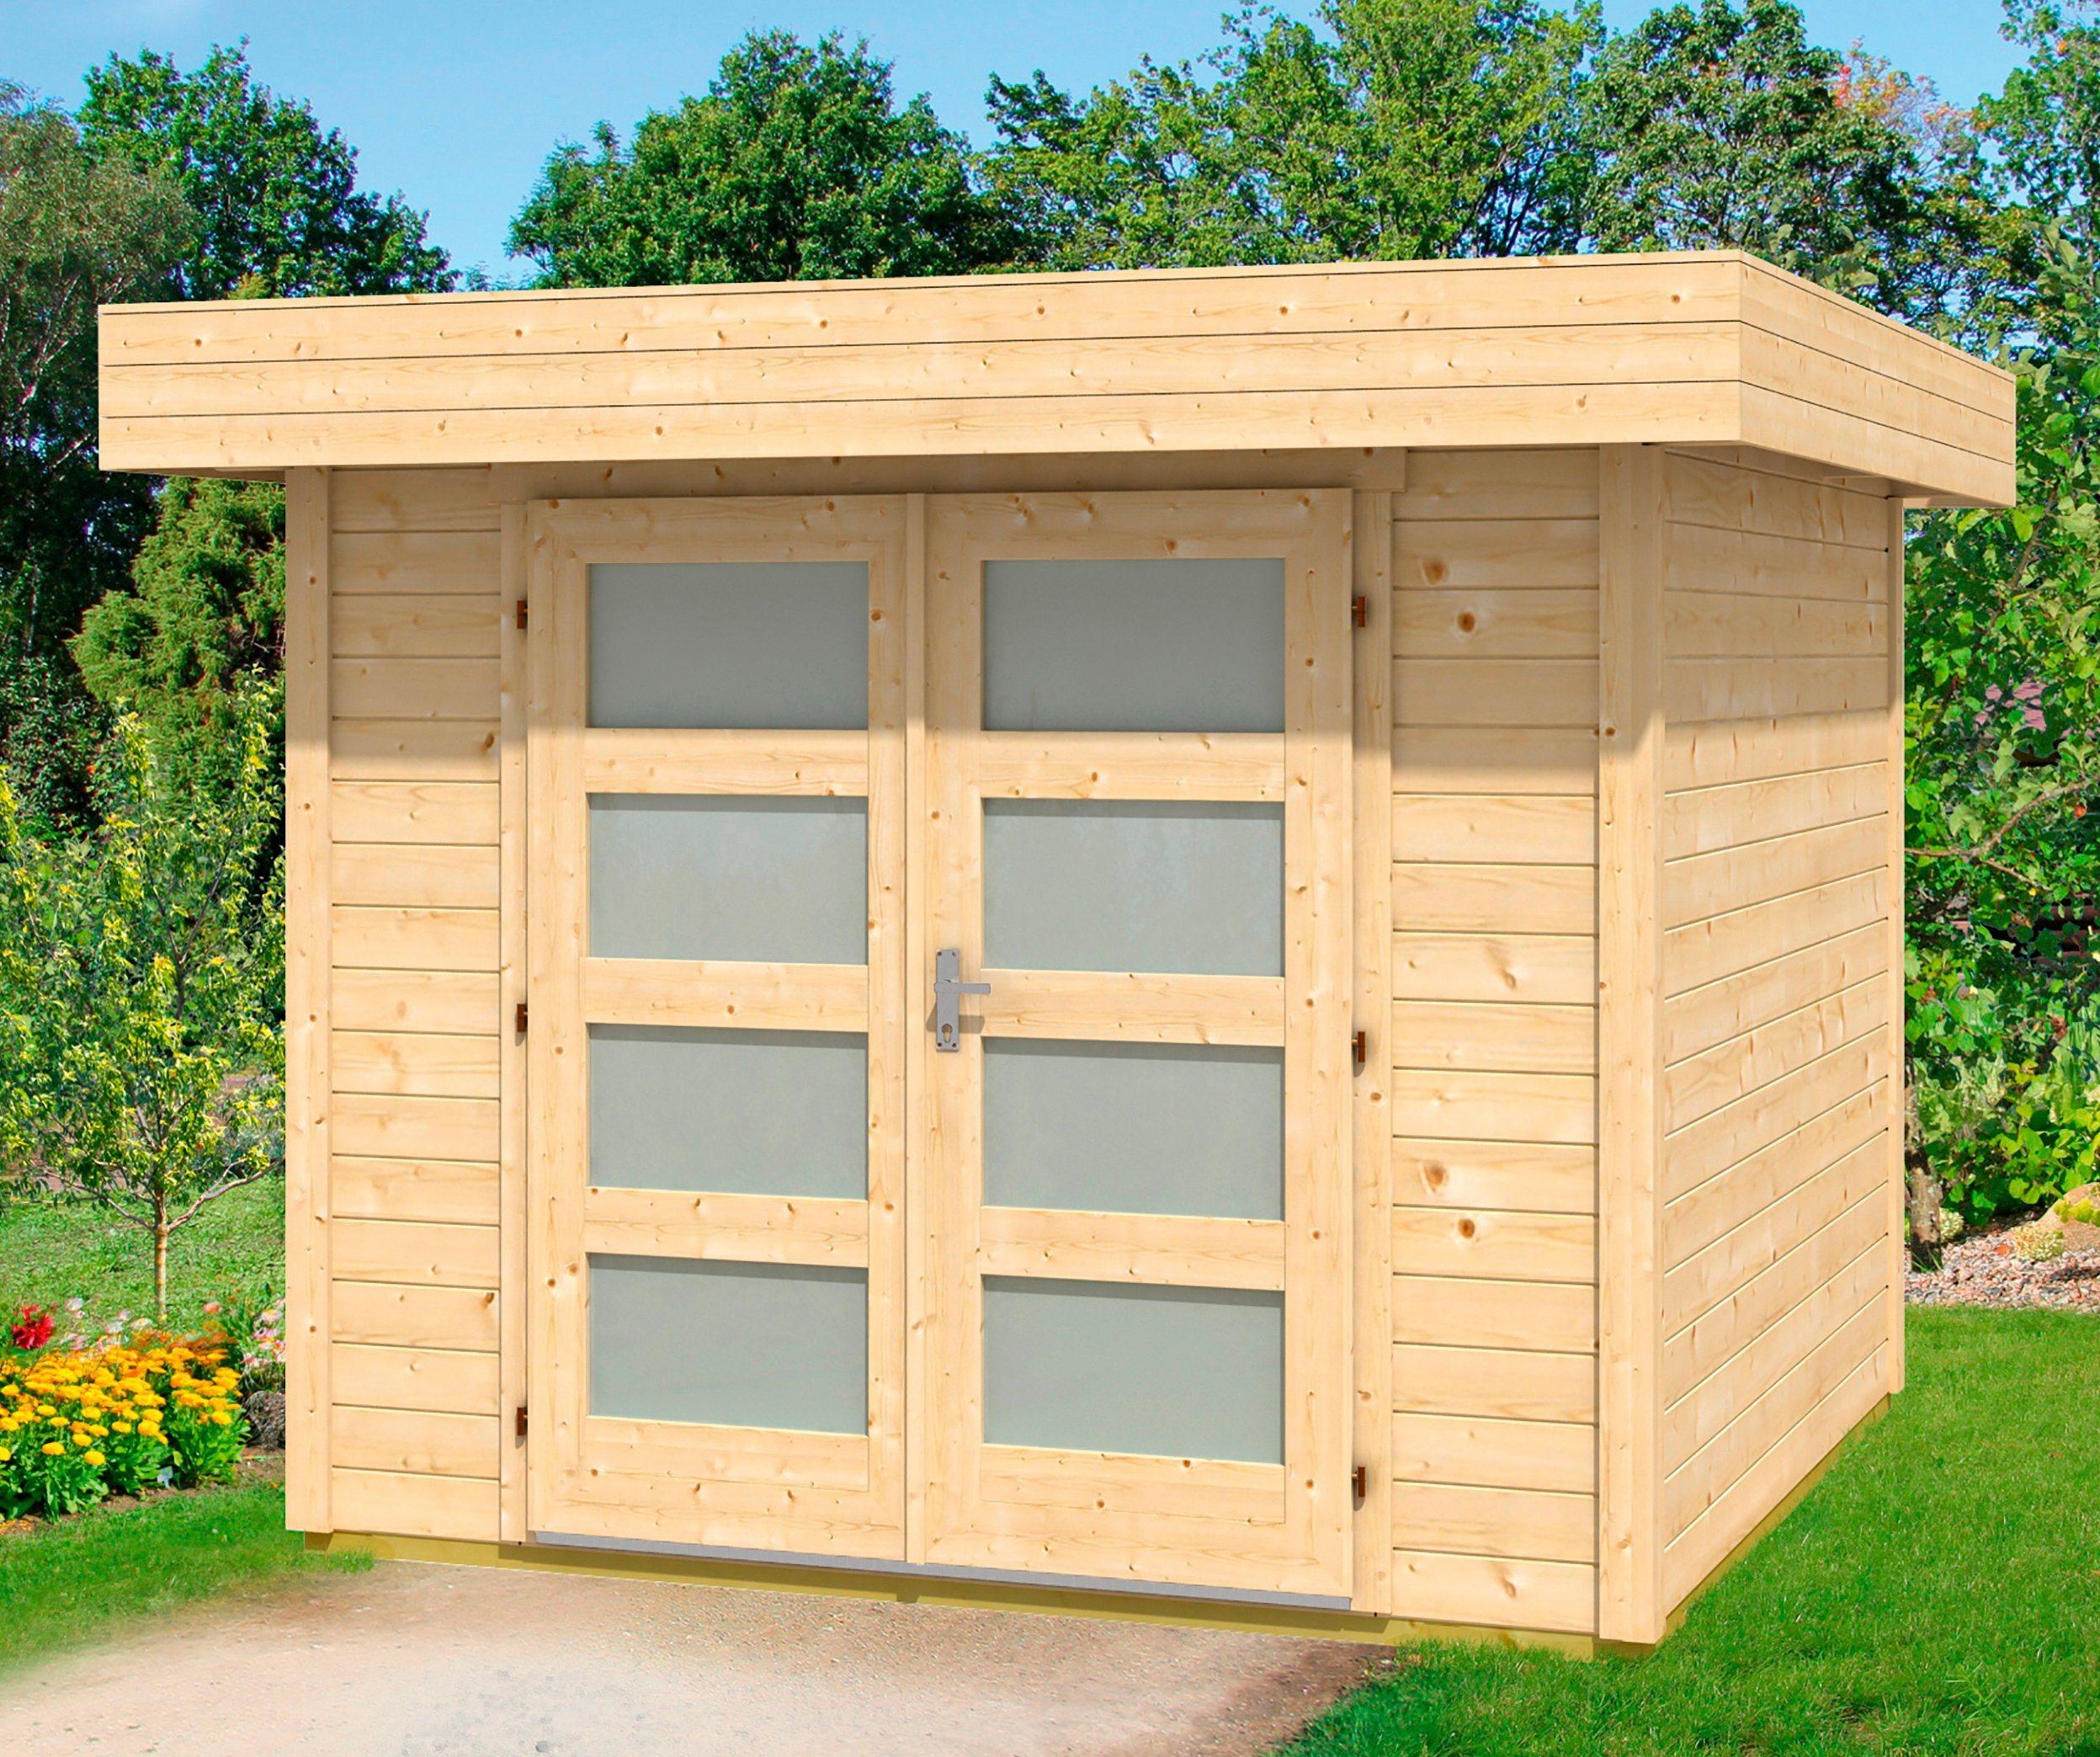 WOLFF Gartenhaus »Varianta A«, BxT: 290x310 cm | Garten > Gartenhäuser | Wolff